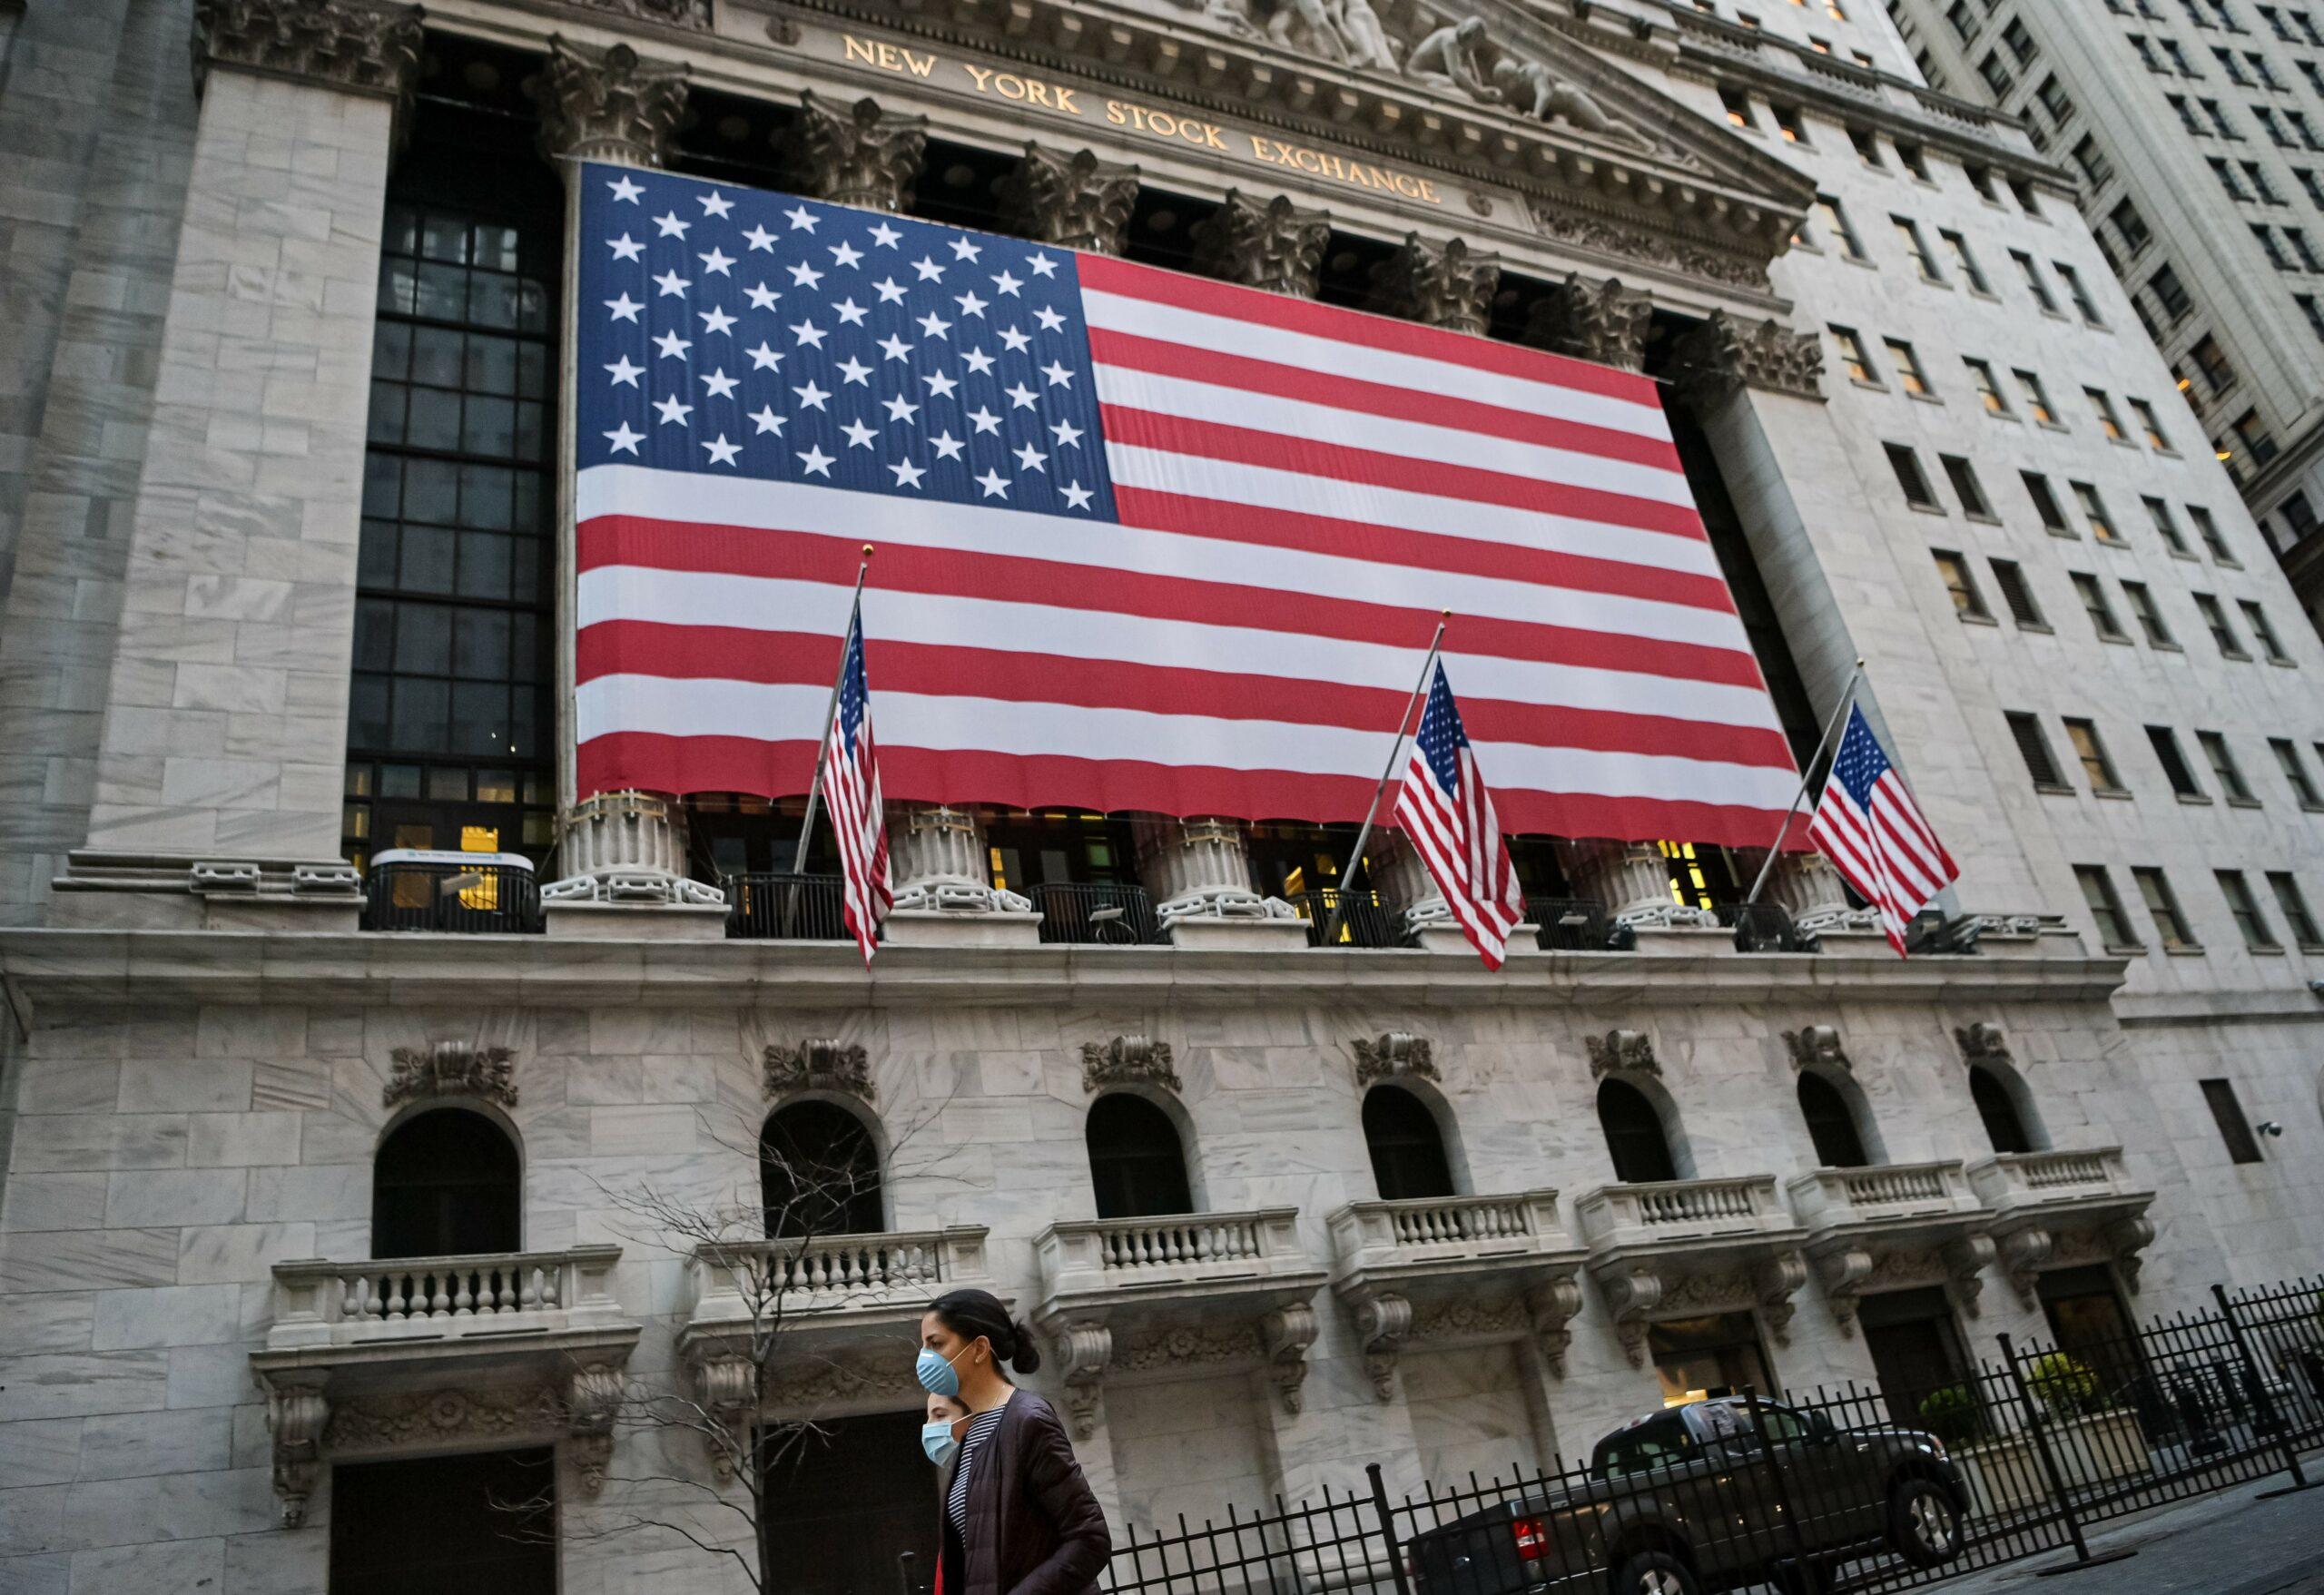 Façana de la seu de la borsa de Nova York, a Wall Street / Joel Marklund/Bildbyran via ZUMA Press/dpa / Europa Press